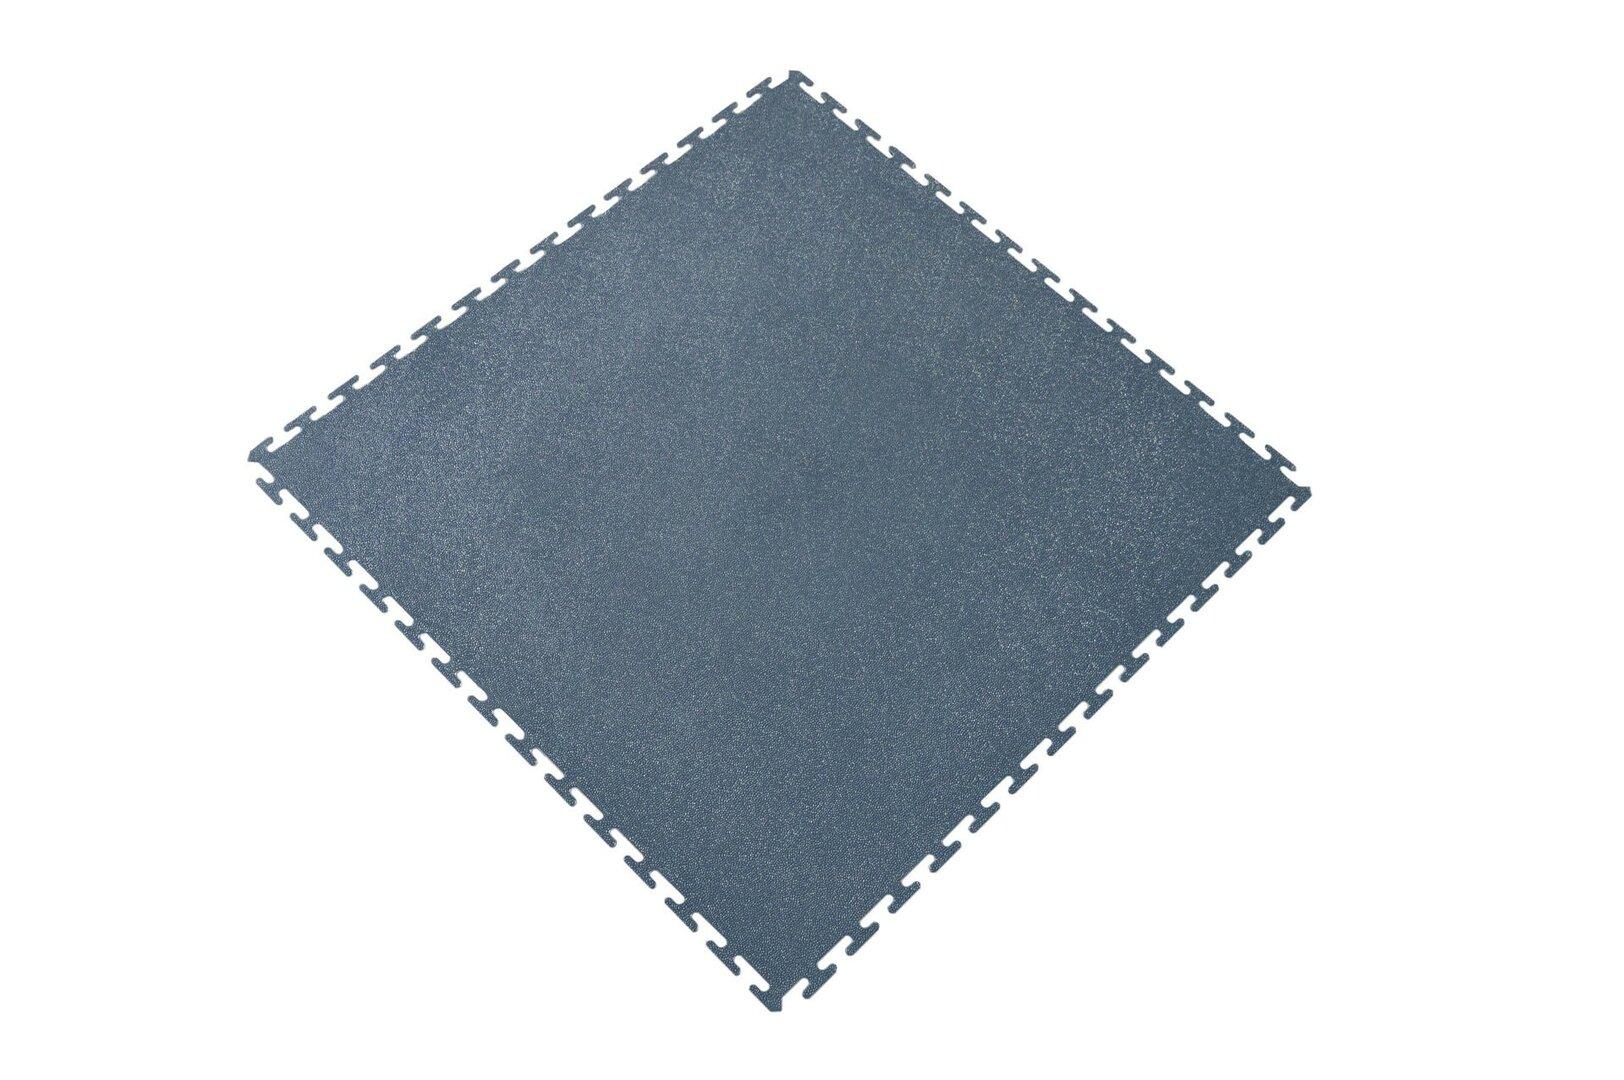 Šedá plastová zátěžová puzzle protiskluzová dlaždice Tenax - 60 x 60 x 0,8 cm